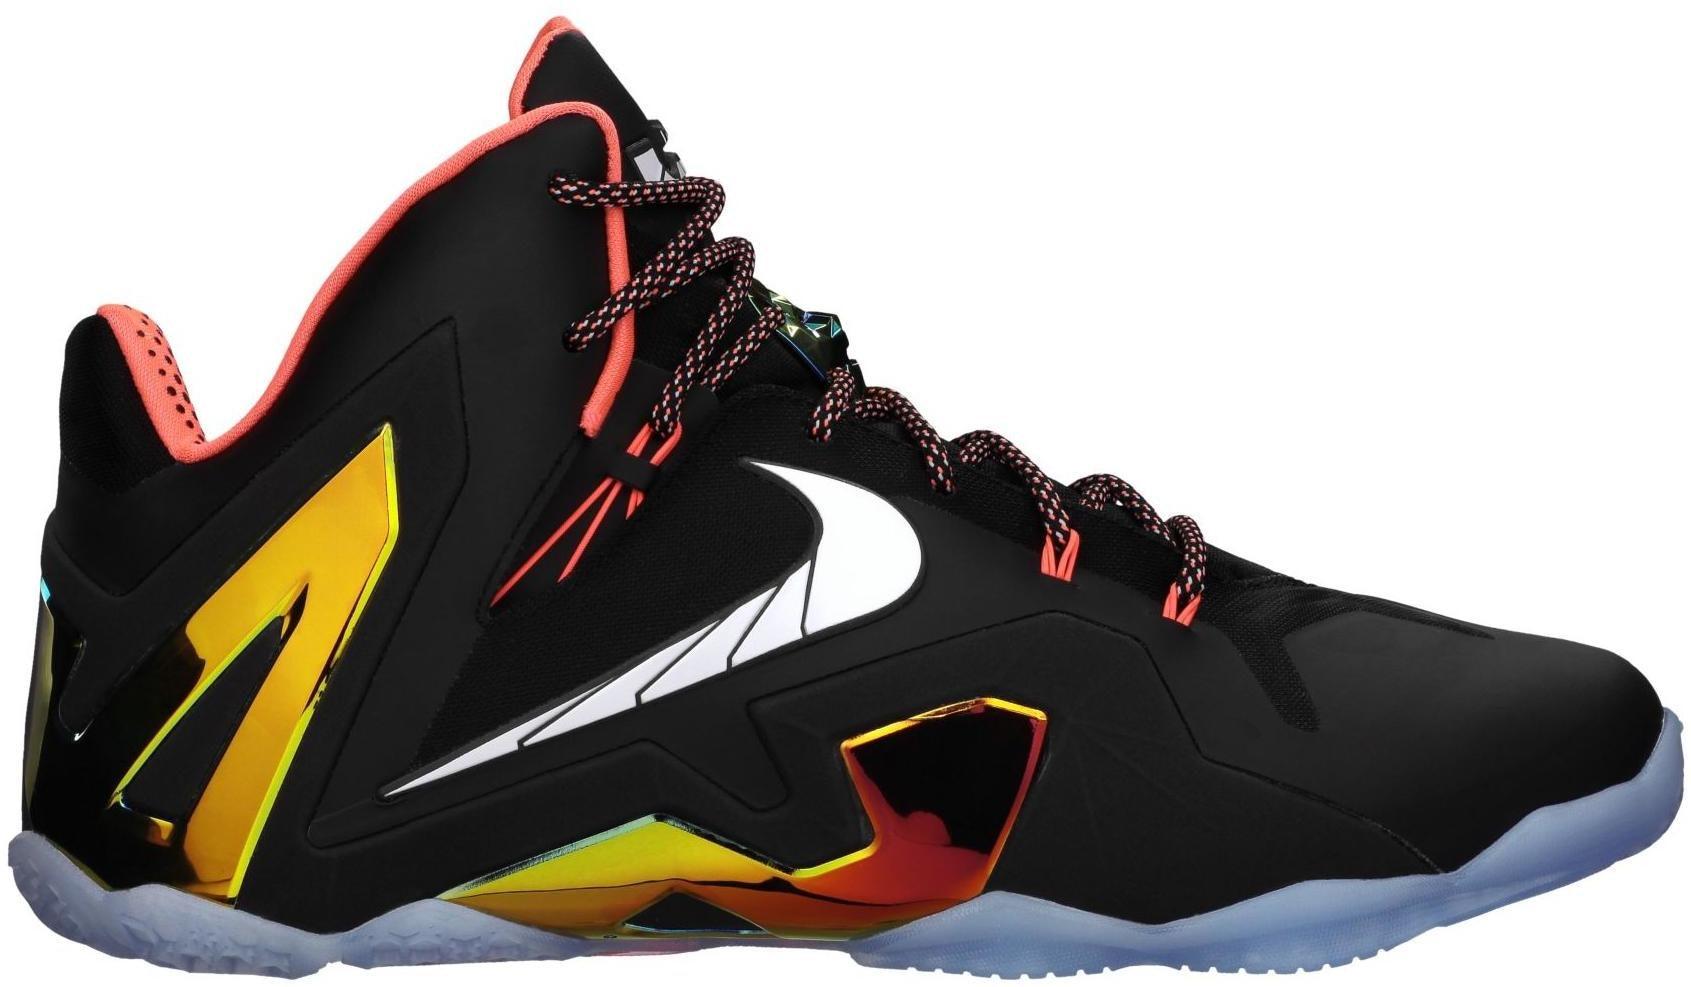 Cheap price Nike Nike LeBron 11 Cheap sale Elite Gold Black Whit